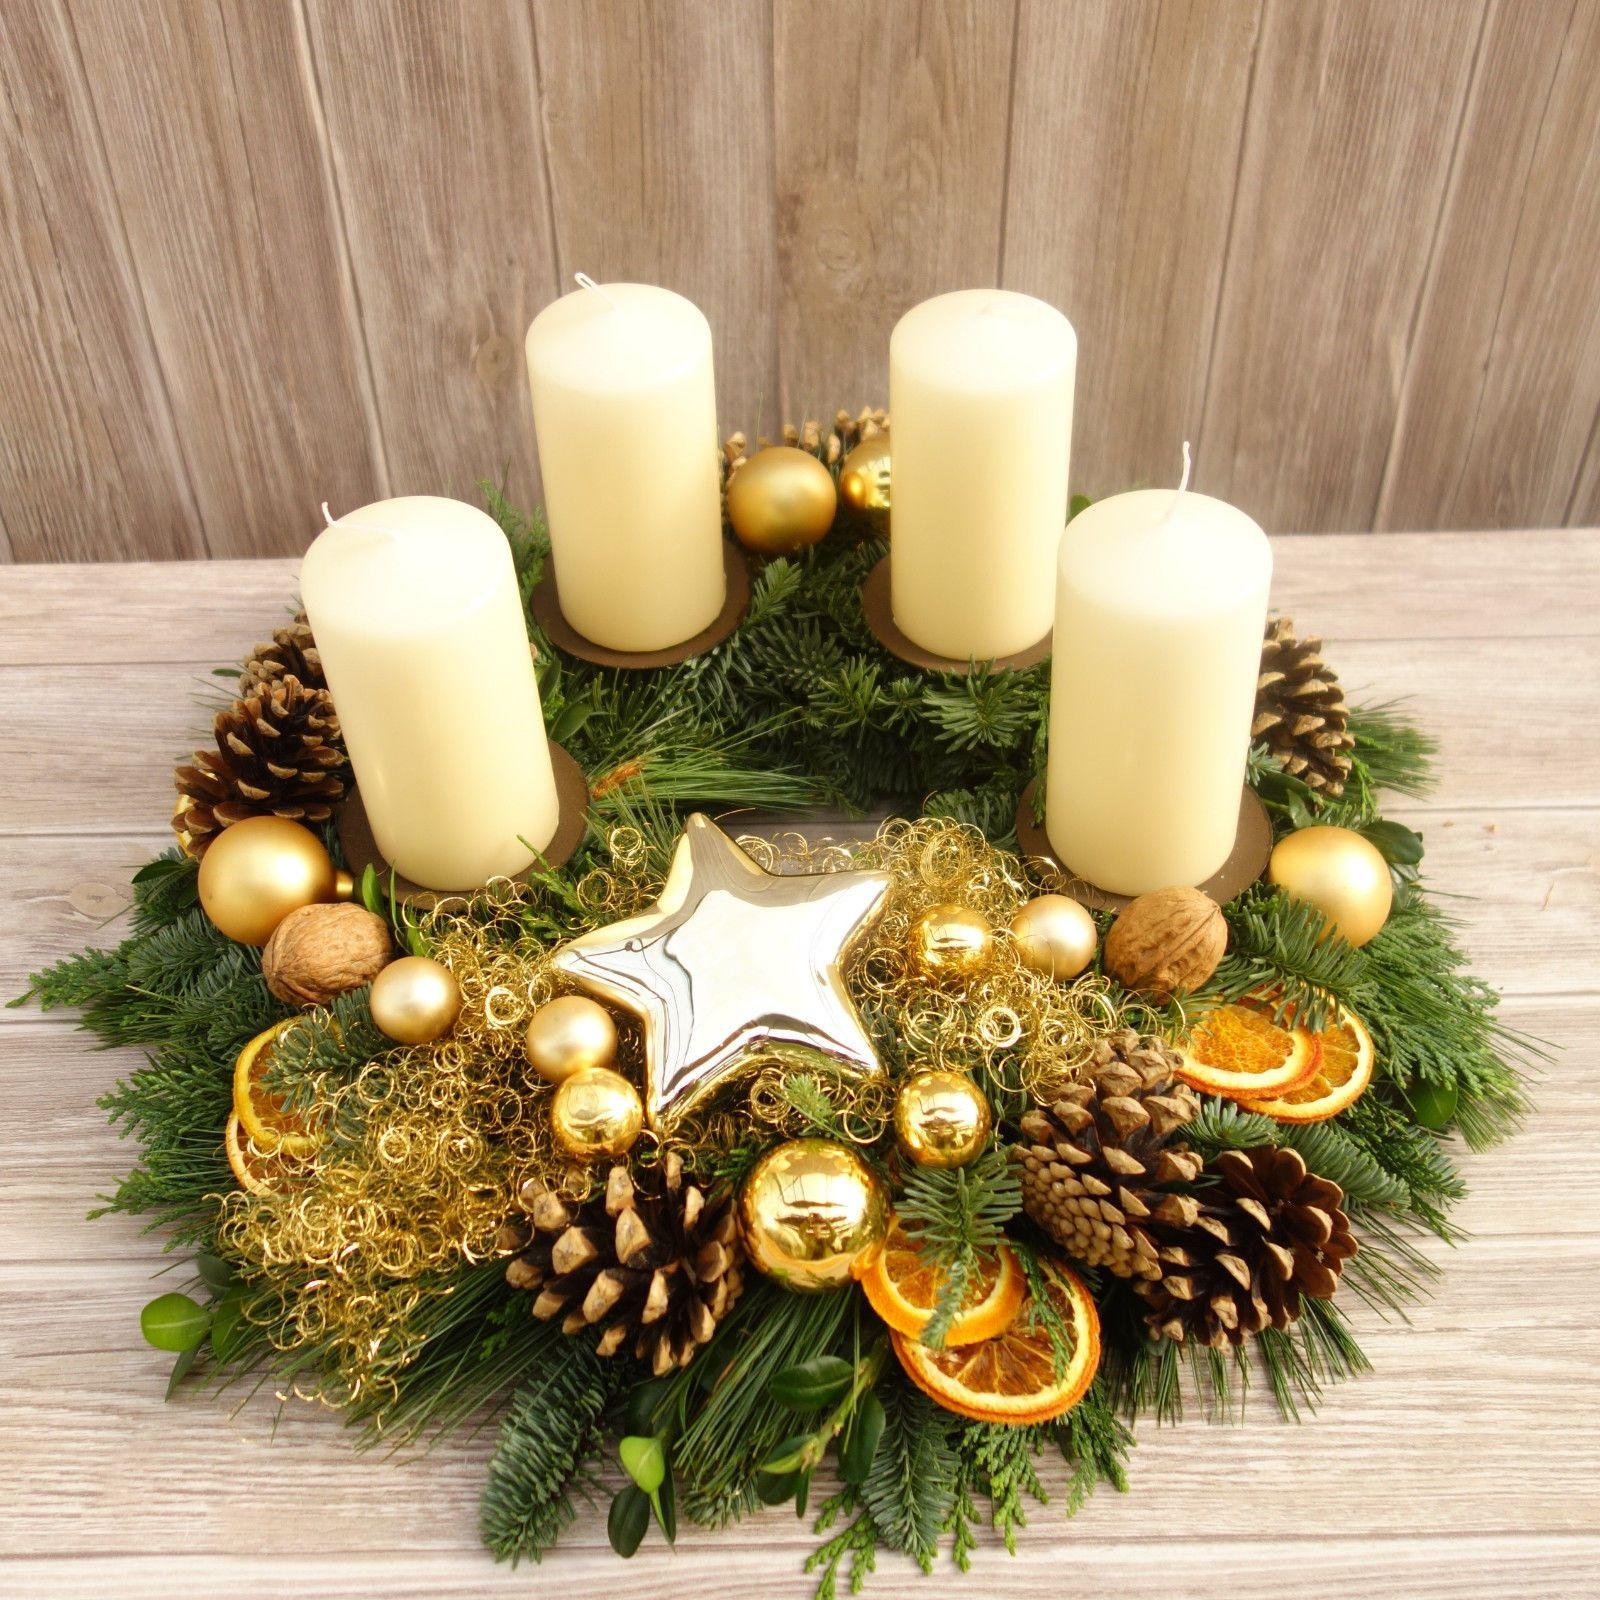 Adventskranz Deko adventskranz adventsgesteck weihnachten deko rot weihnachtsdeko